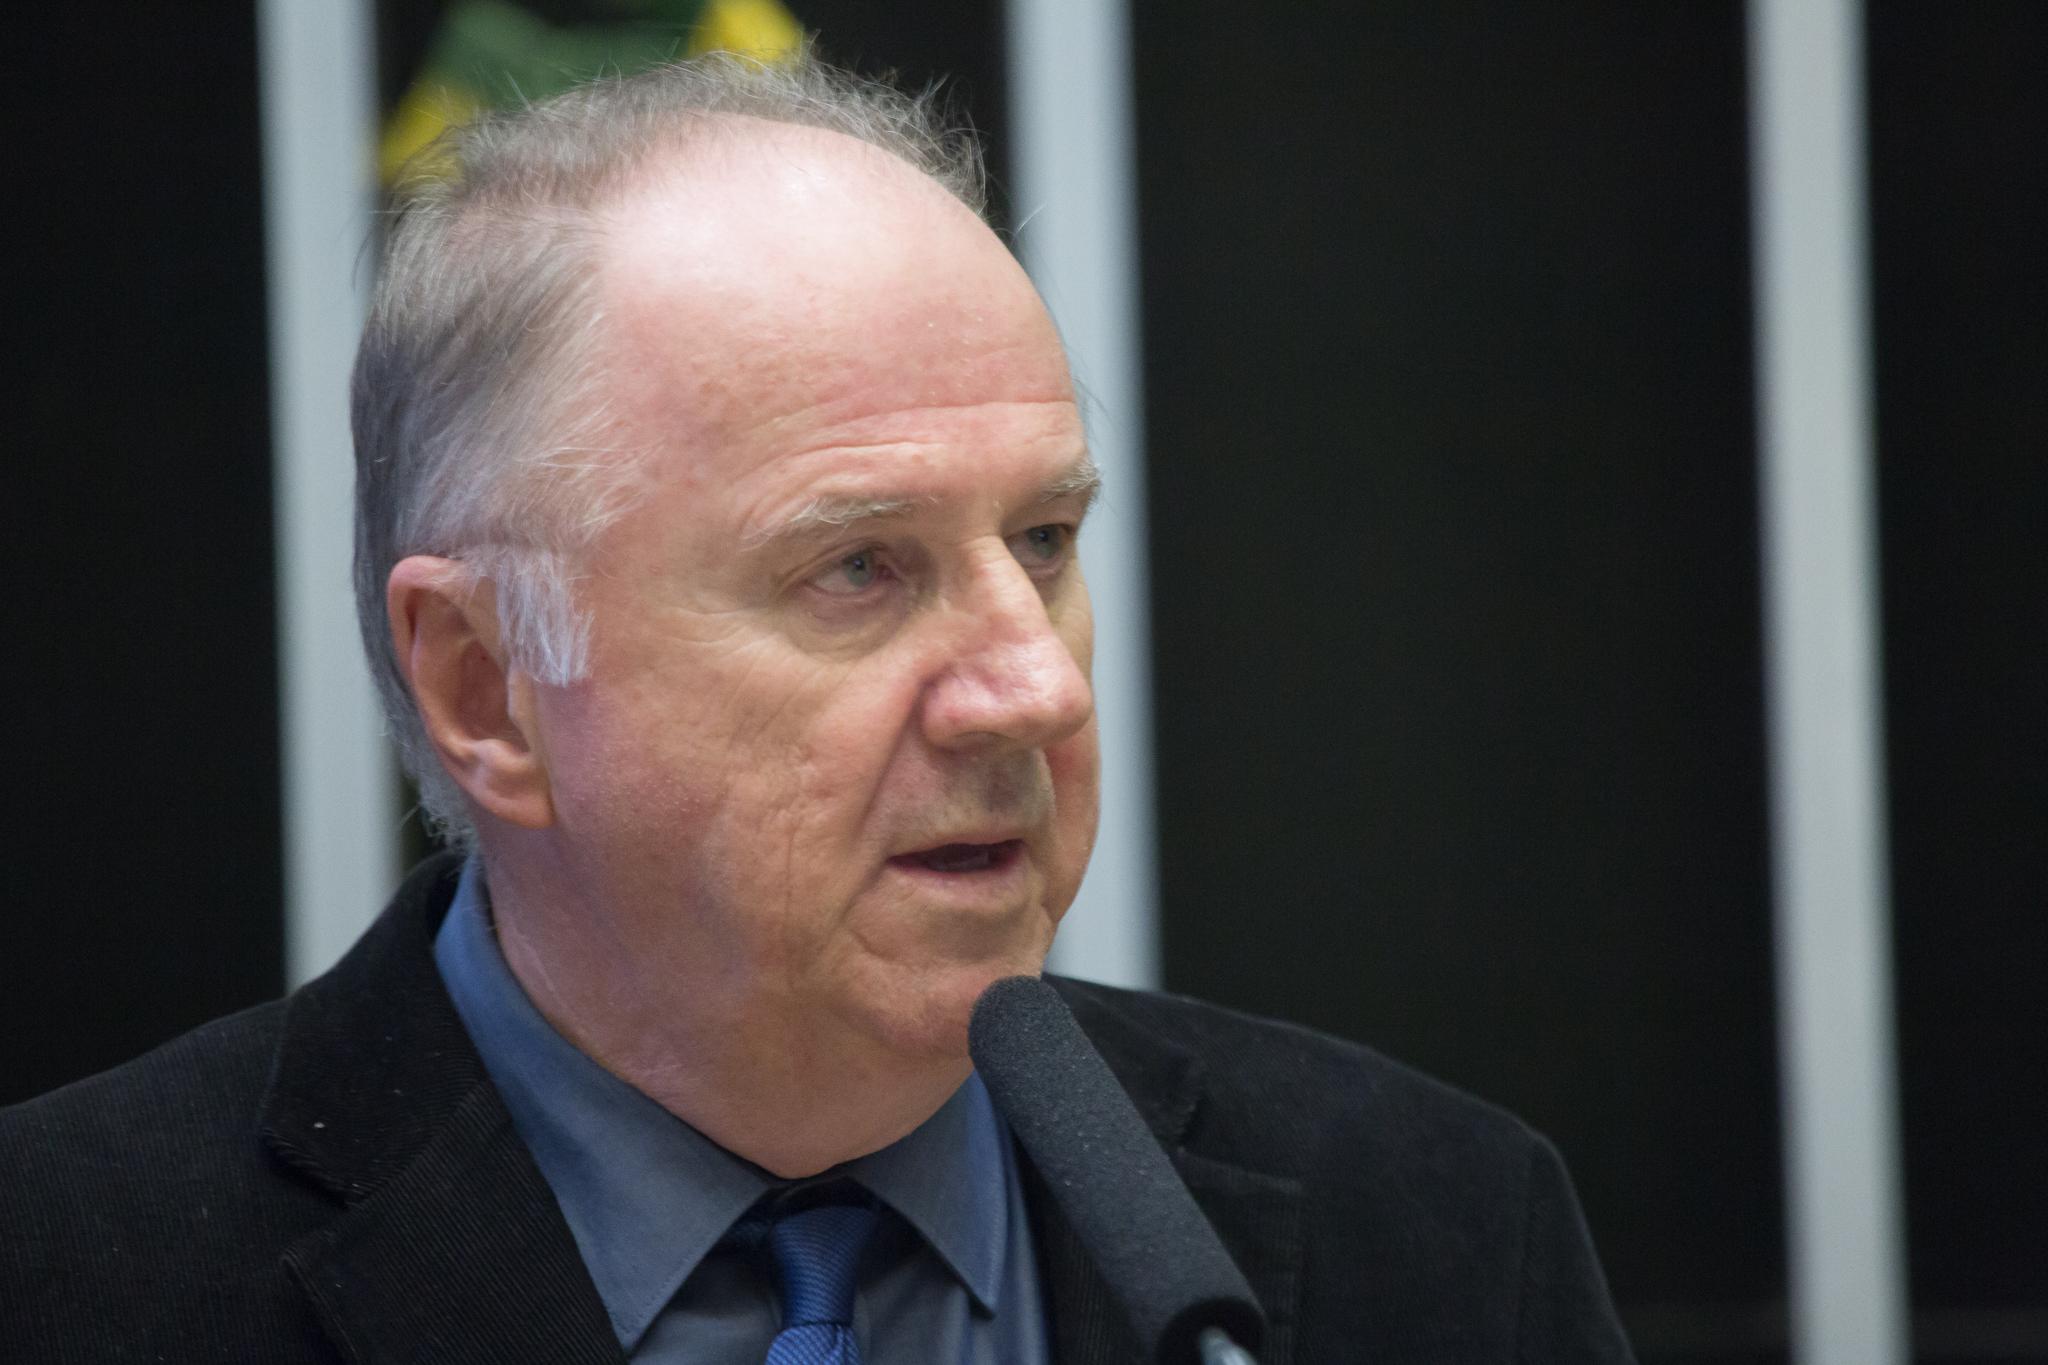 Agora, vai aumentar arrecadação, disse Ziulkoski sobre a mudança no ISS